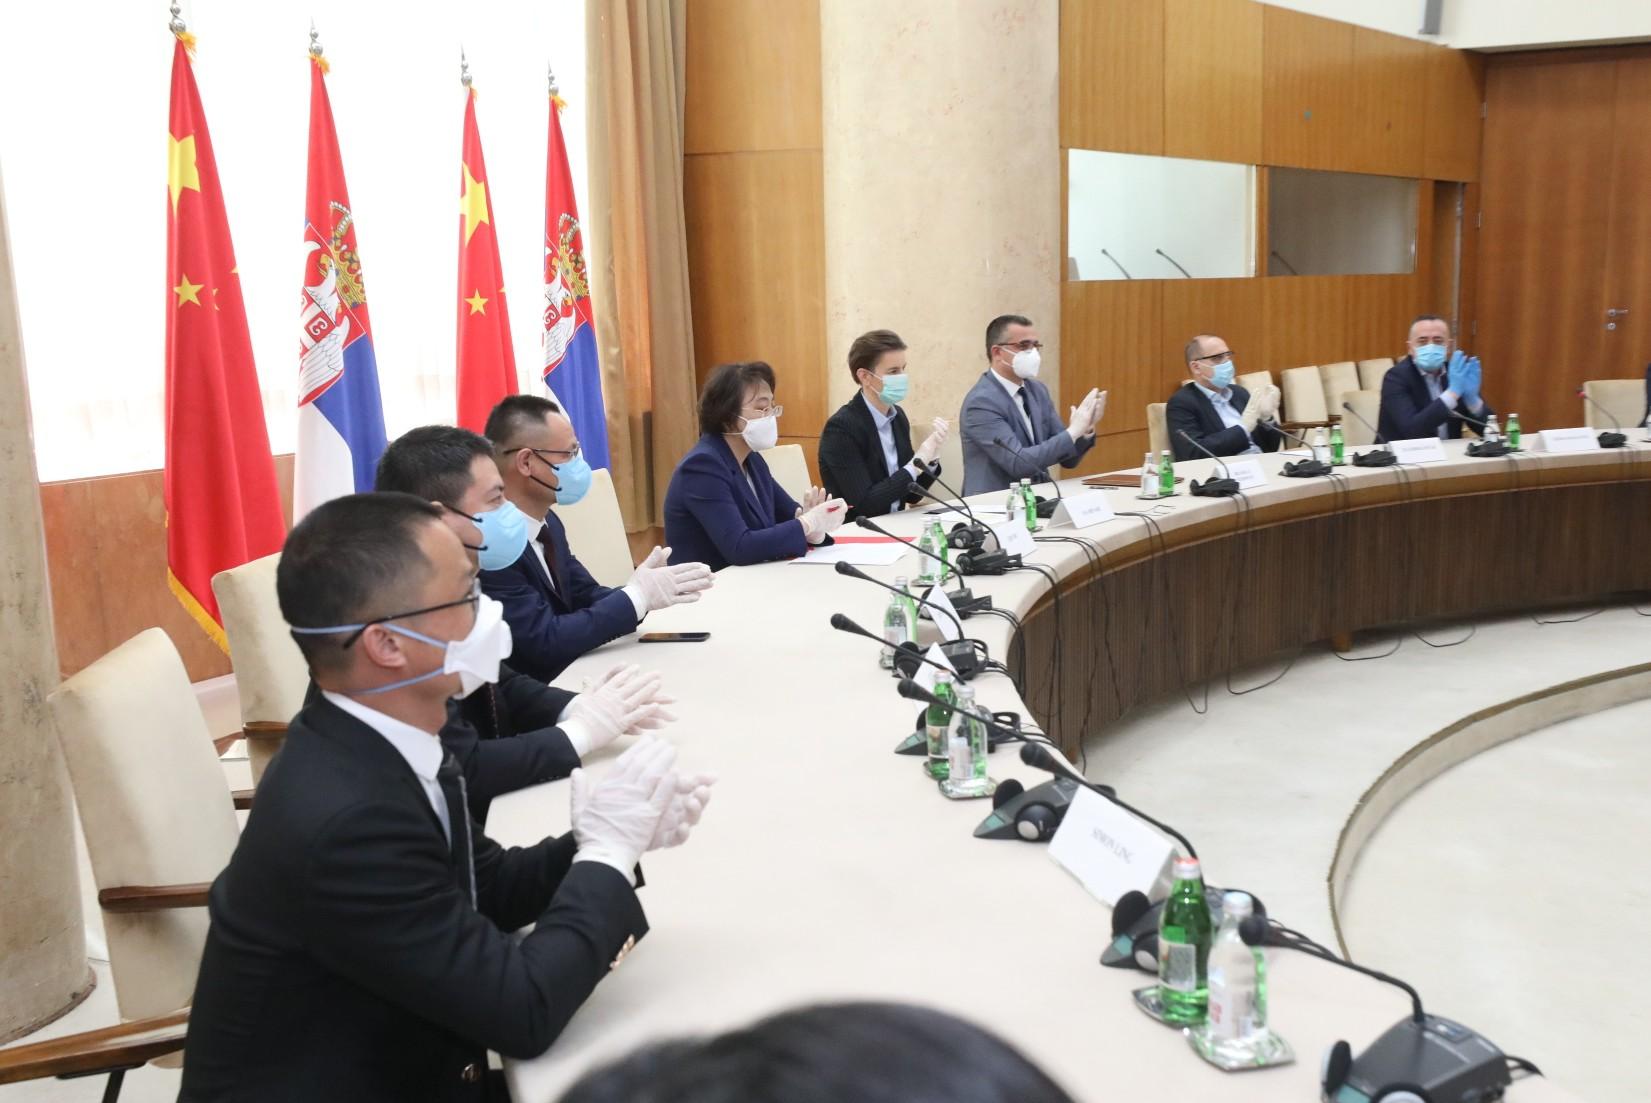 Кина донирала Србији две лабораторије за тестирање на коронавирус